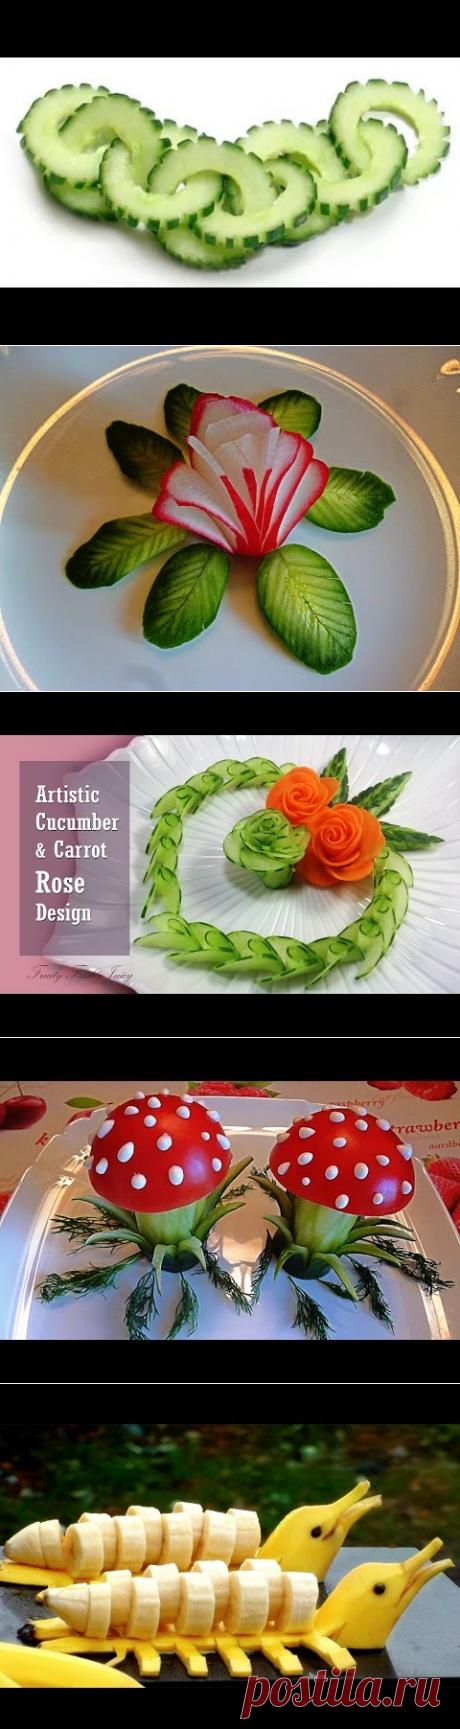 Украшение из огурцов, как сделать из огурцов шедевр -- Decoration from cucumbers - YouTube